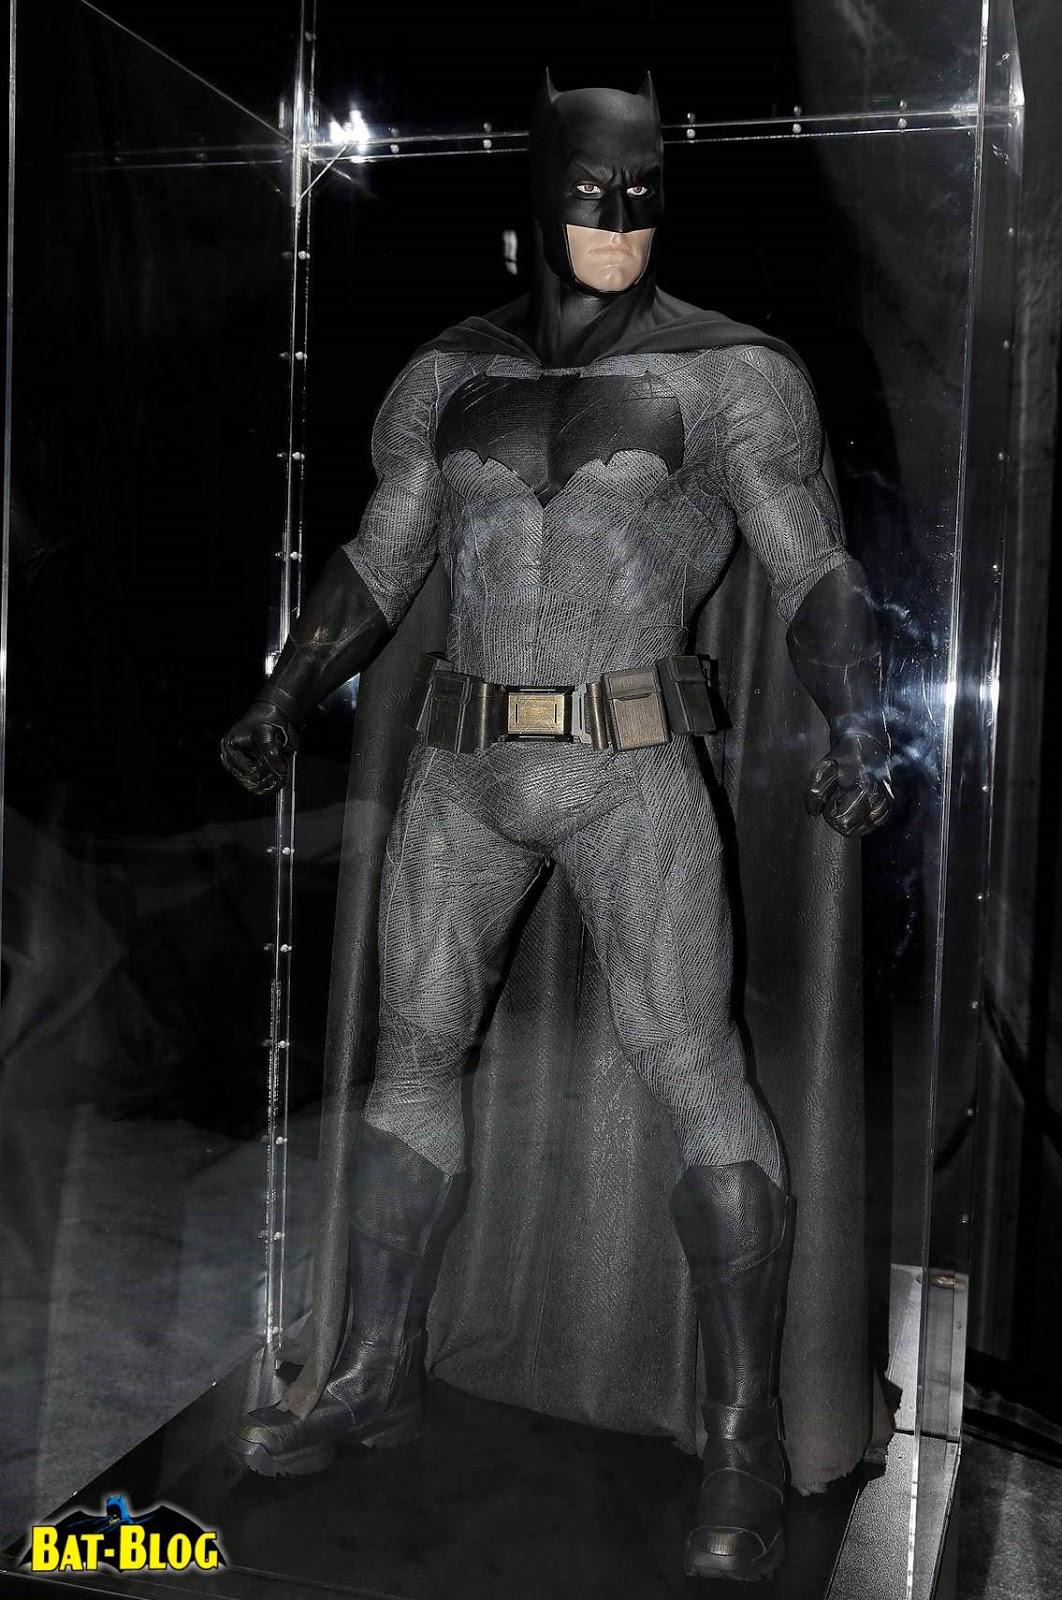 bat blog batman toys and collectibles warner bros